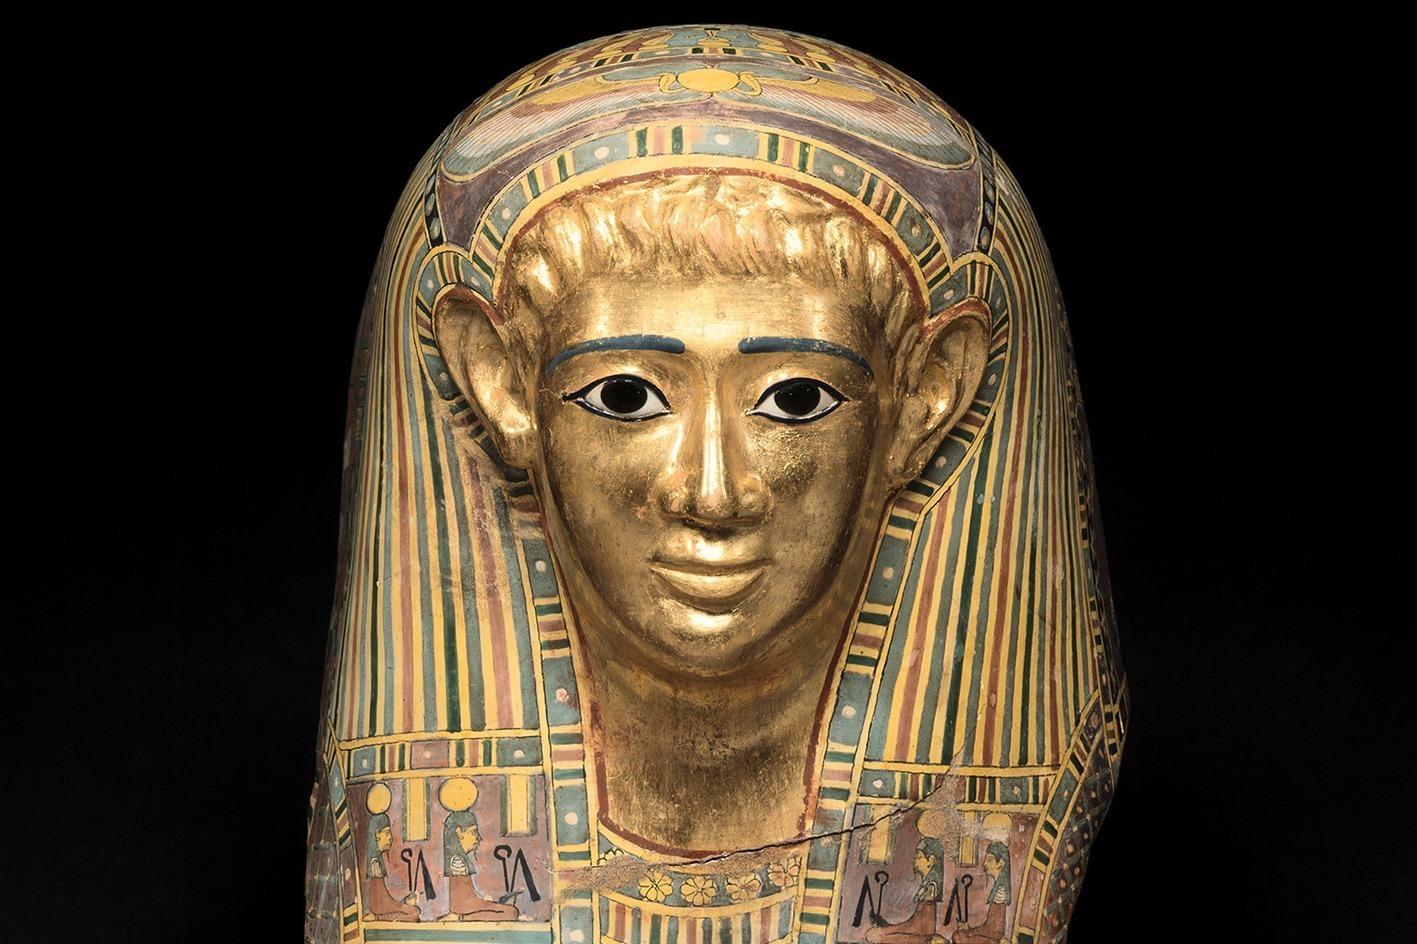 東京 エジプト 展 【東京展】古代エジプト展 天地創造の神話|オンラインチケット販売